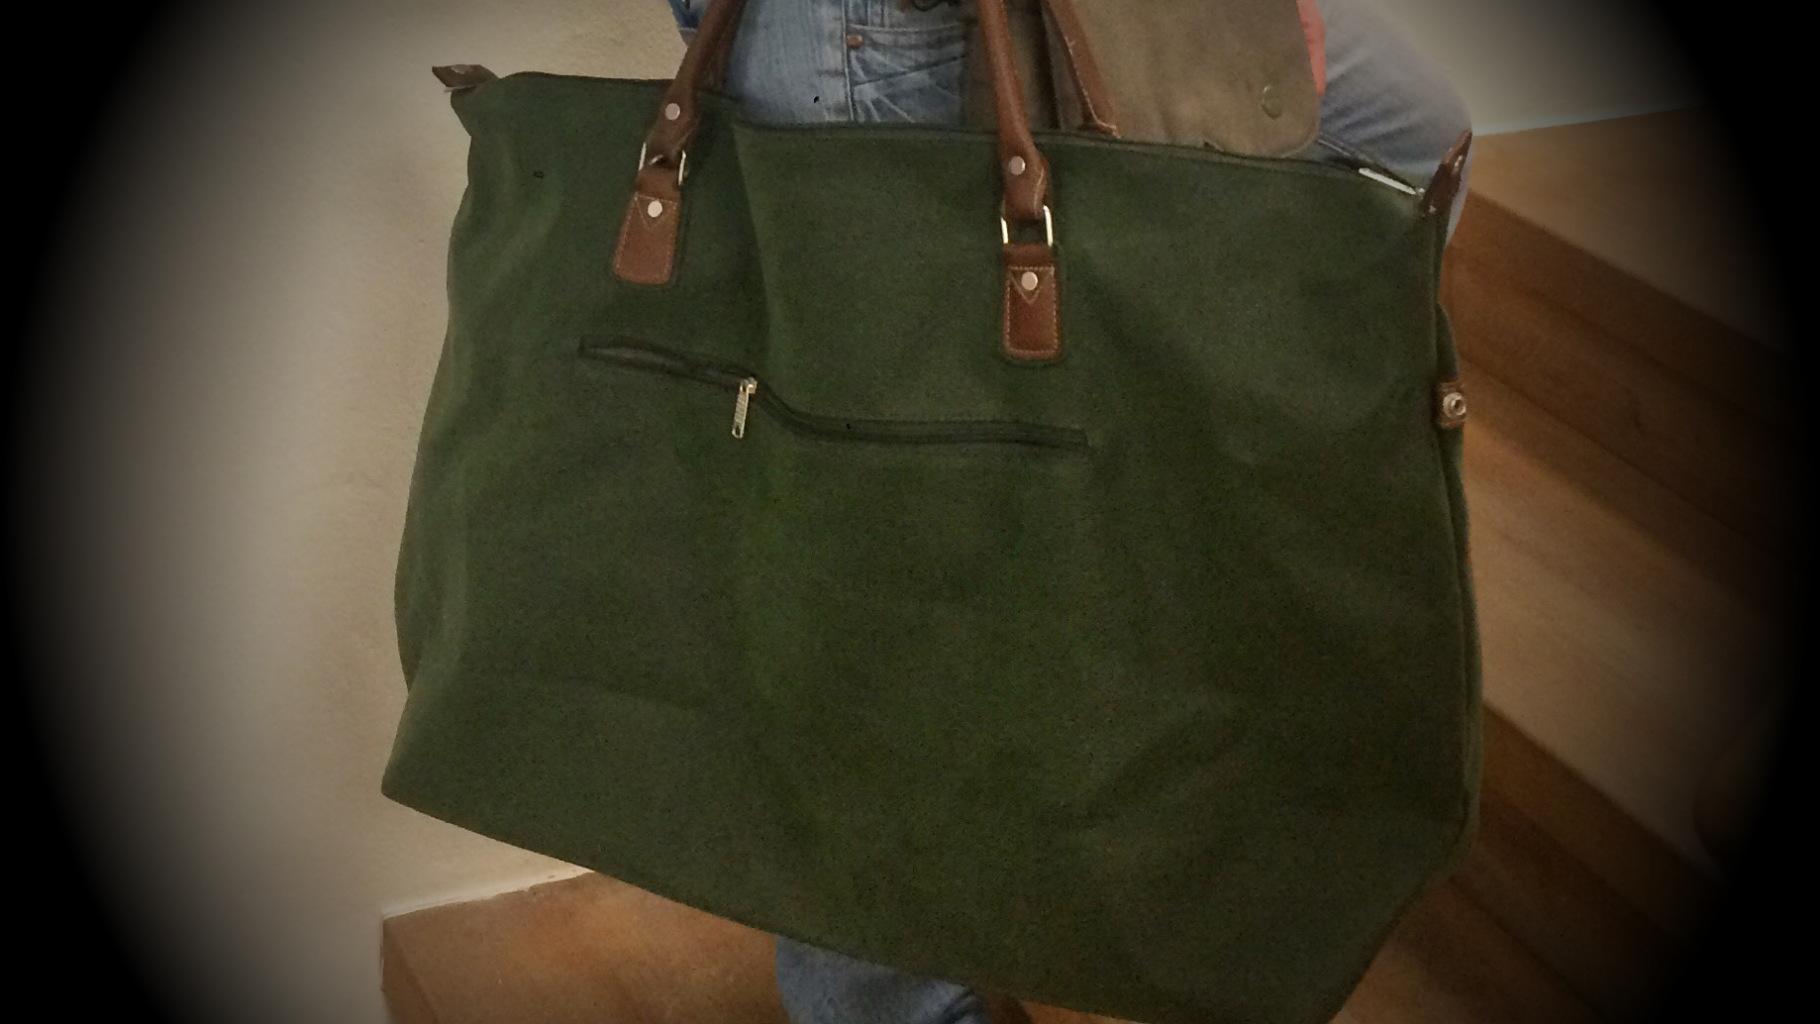 Reisetasche aus dem Oxfam Shop